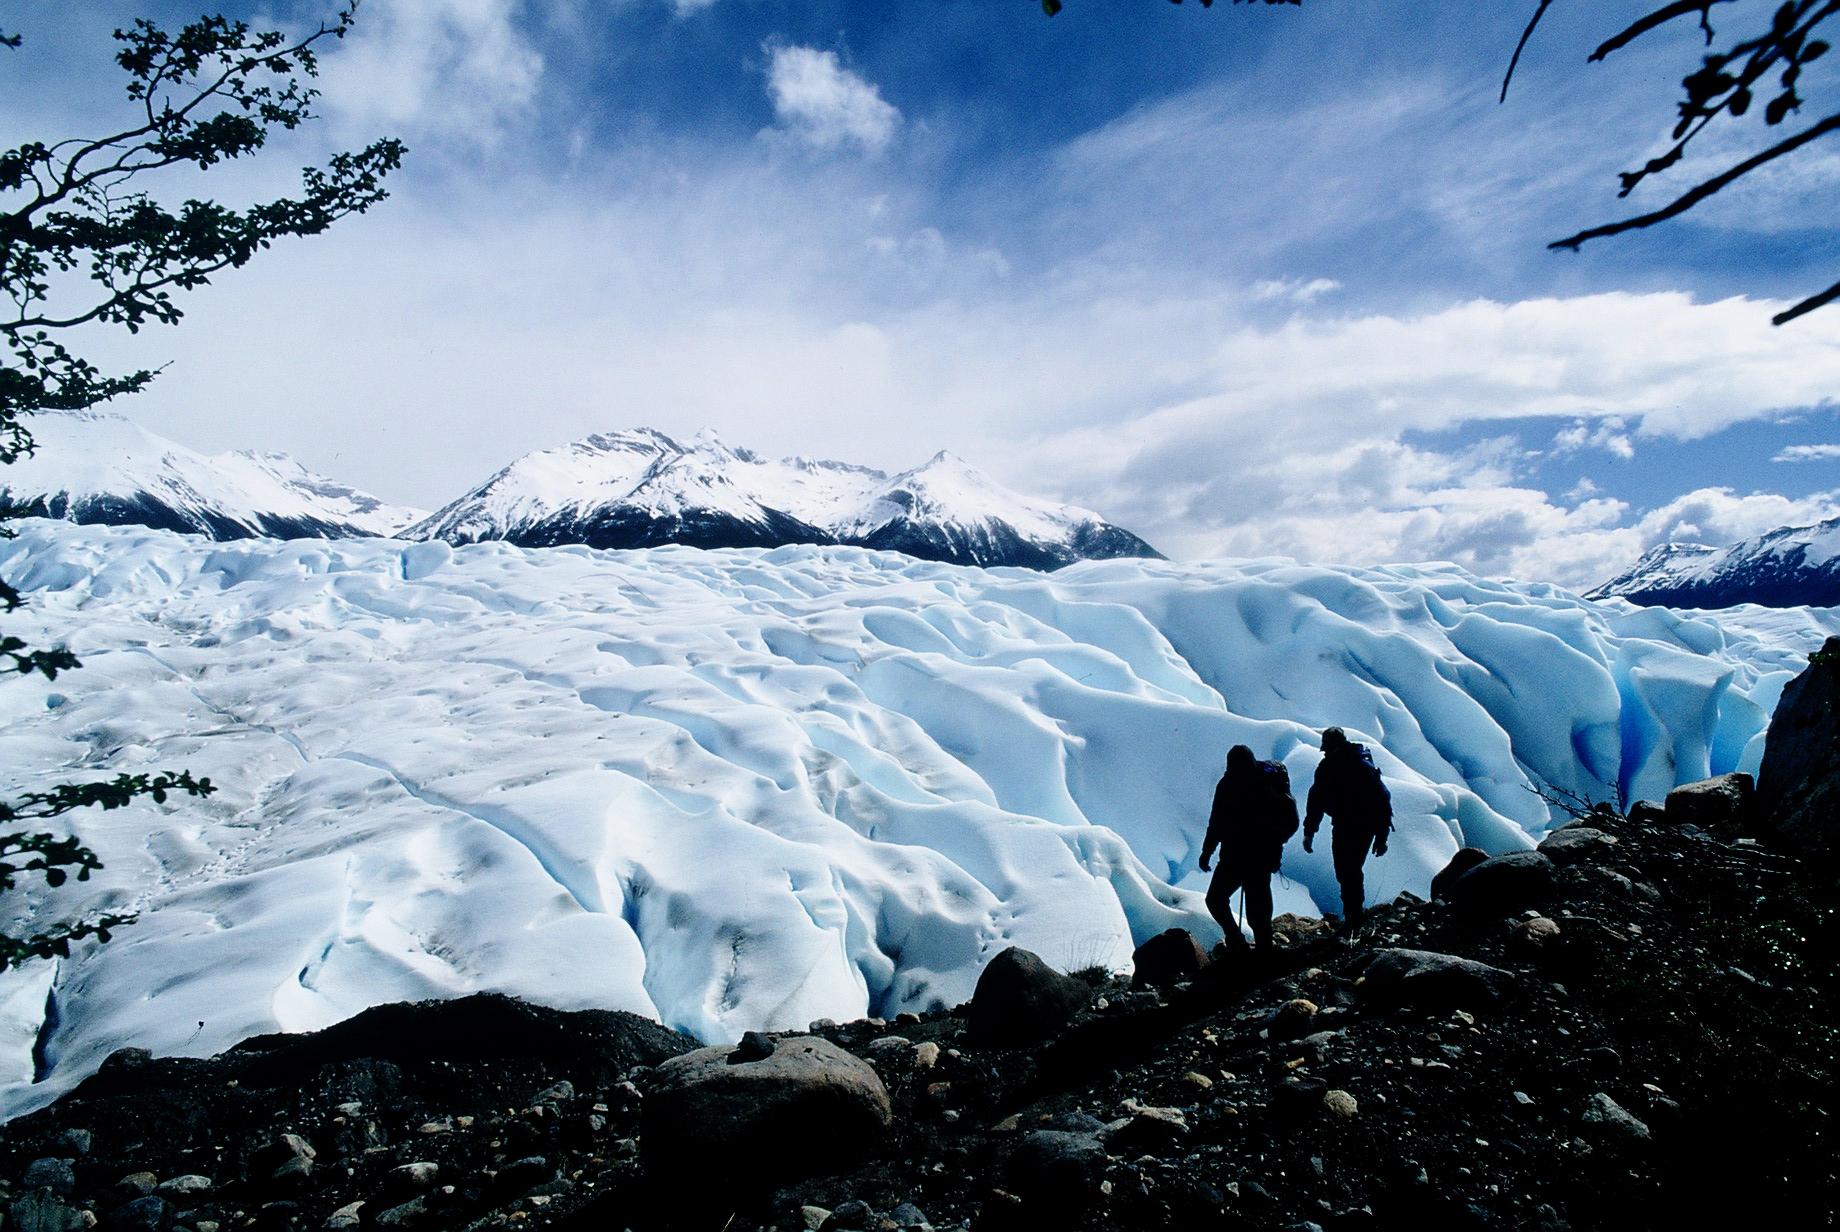 El tránsito turístico al Glaciar será más ágil